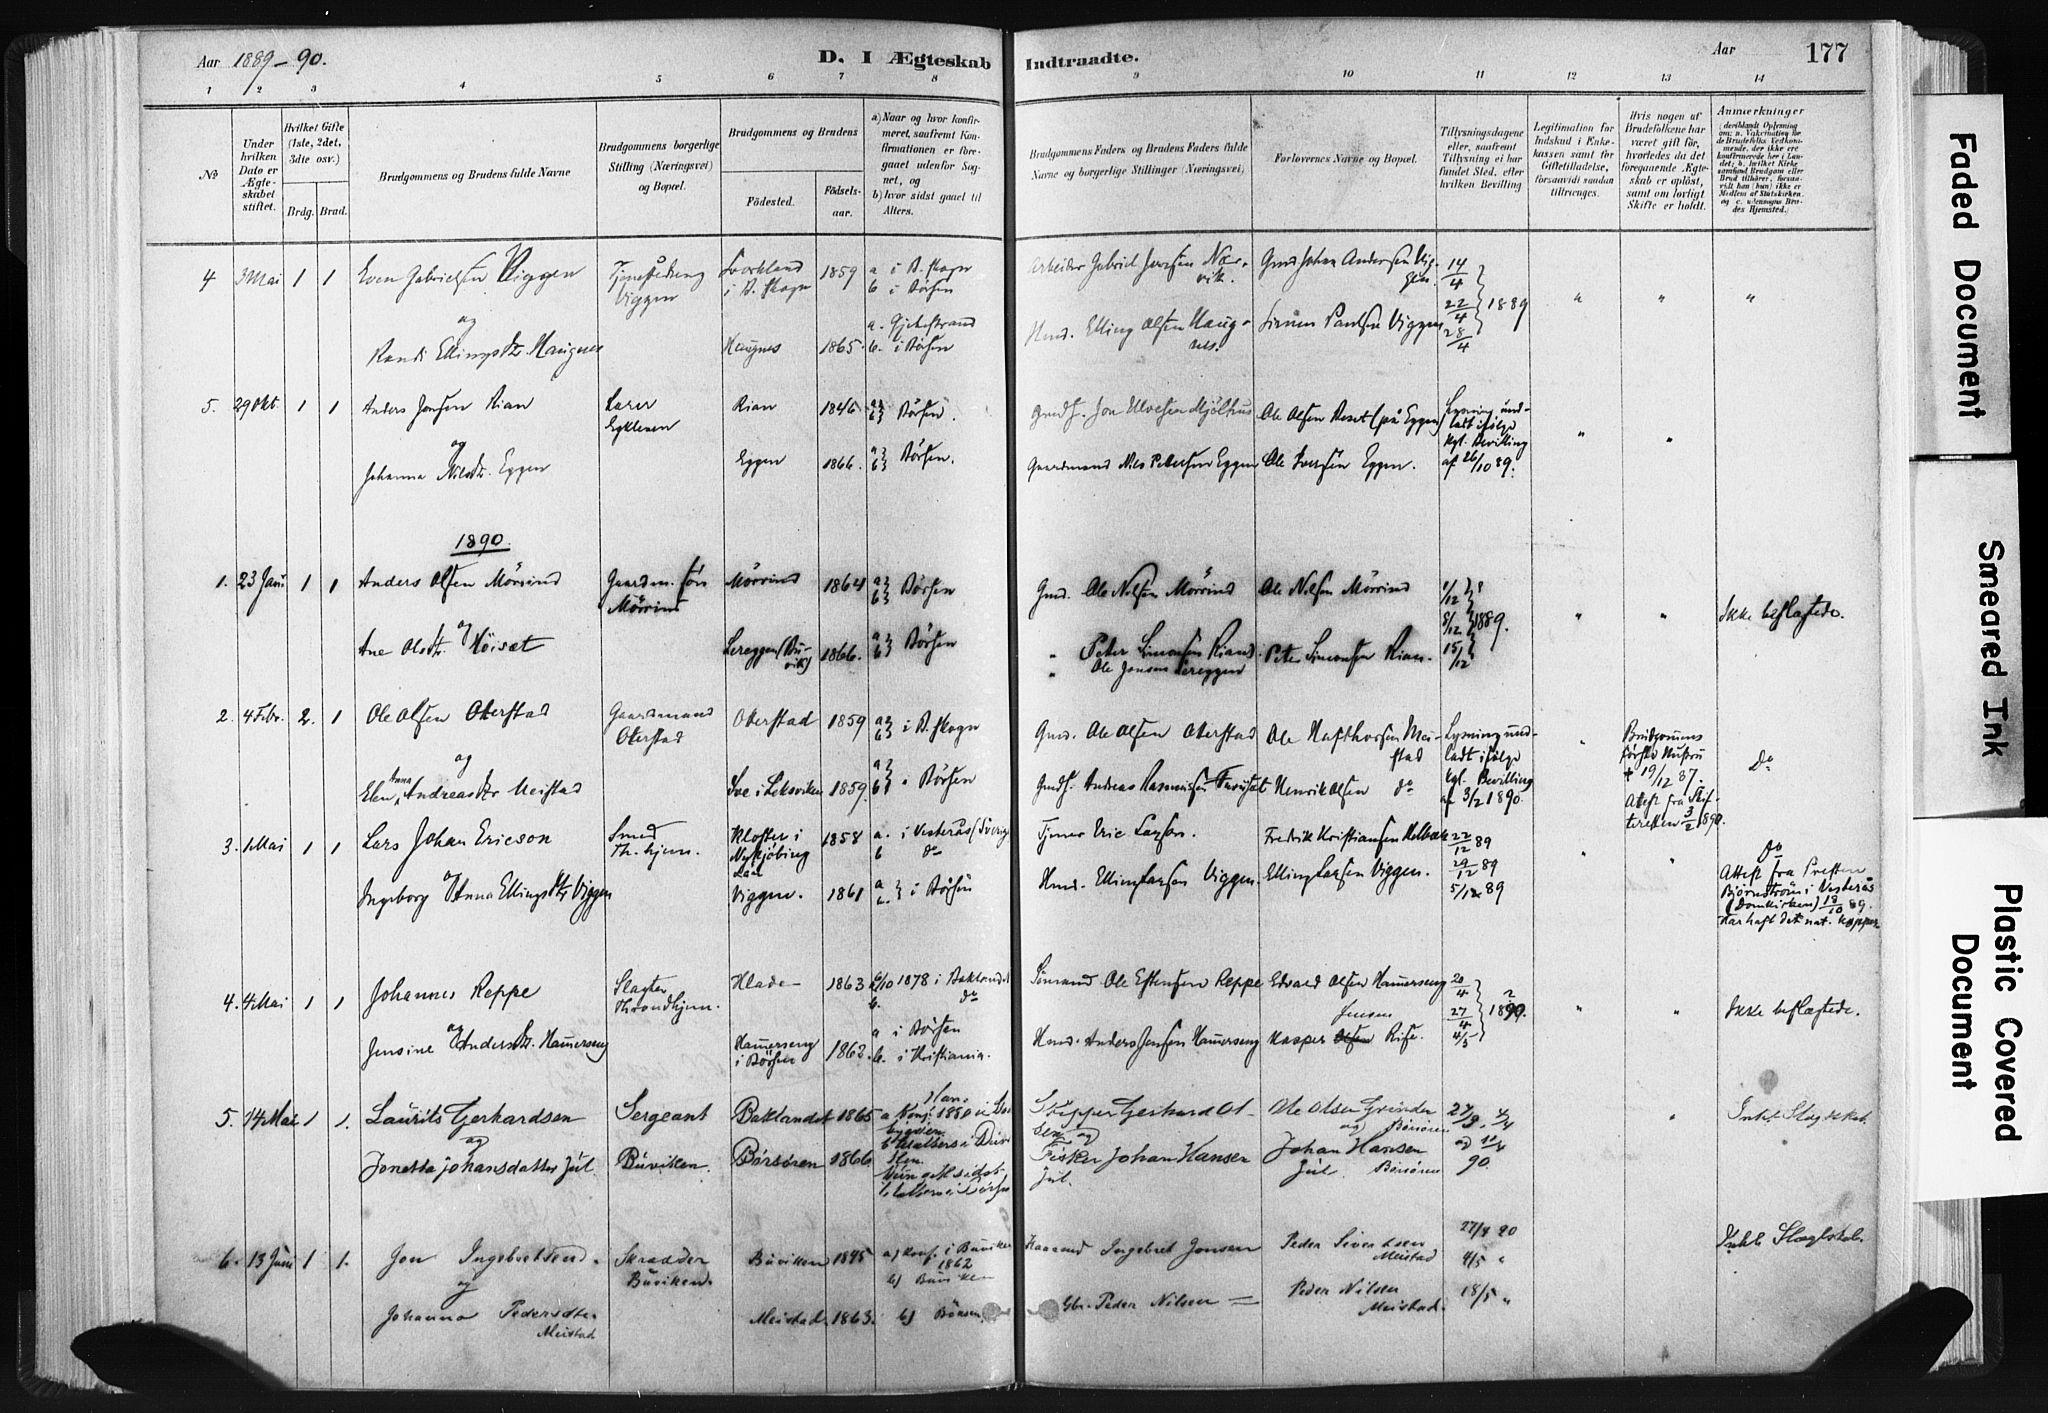 SAT, Ministerialprotokoller, klokkerbøker og fødselsregistre - Sør-Trøndelag, 665/L0773: Ministerialbok nr. 665A08, 1879-1905, s. 177